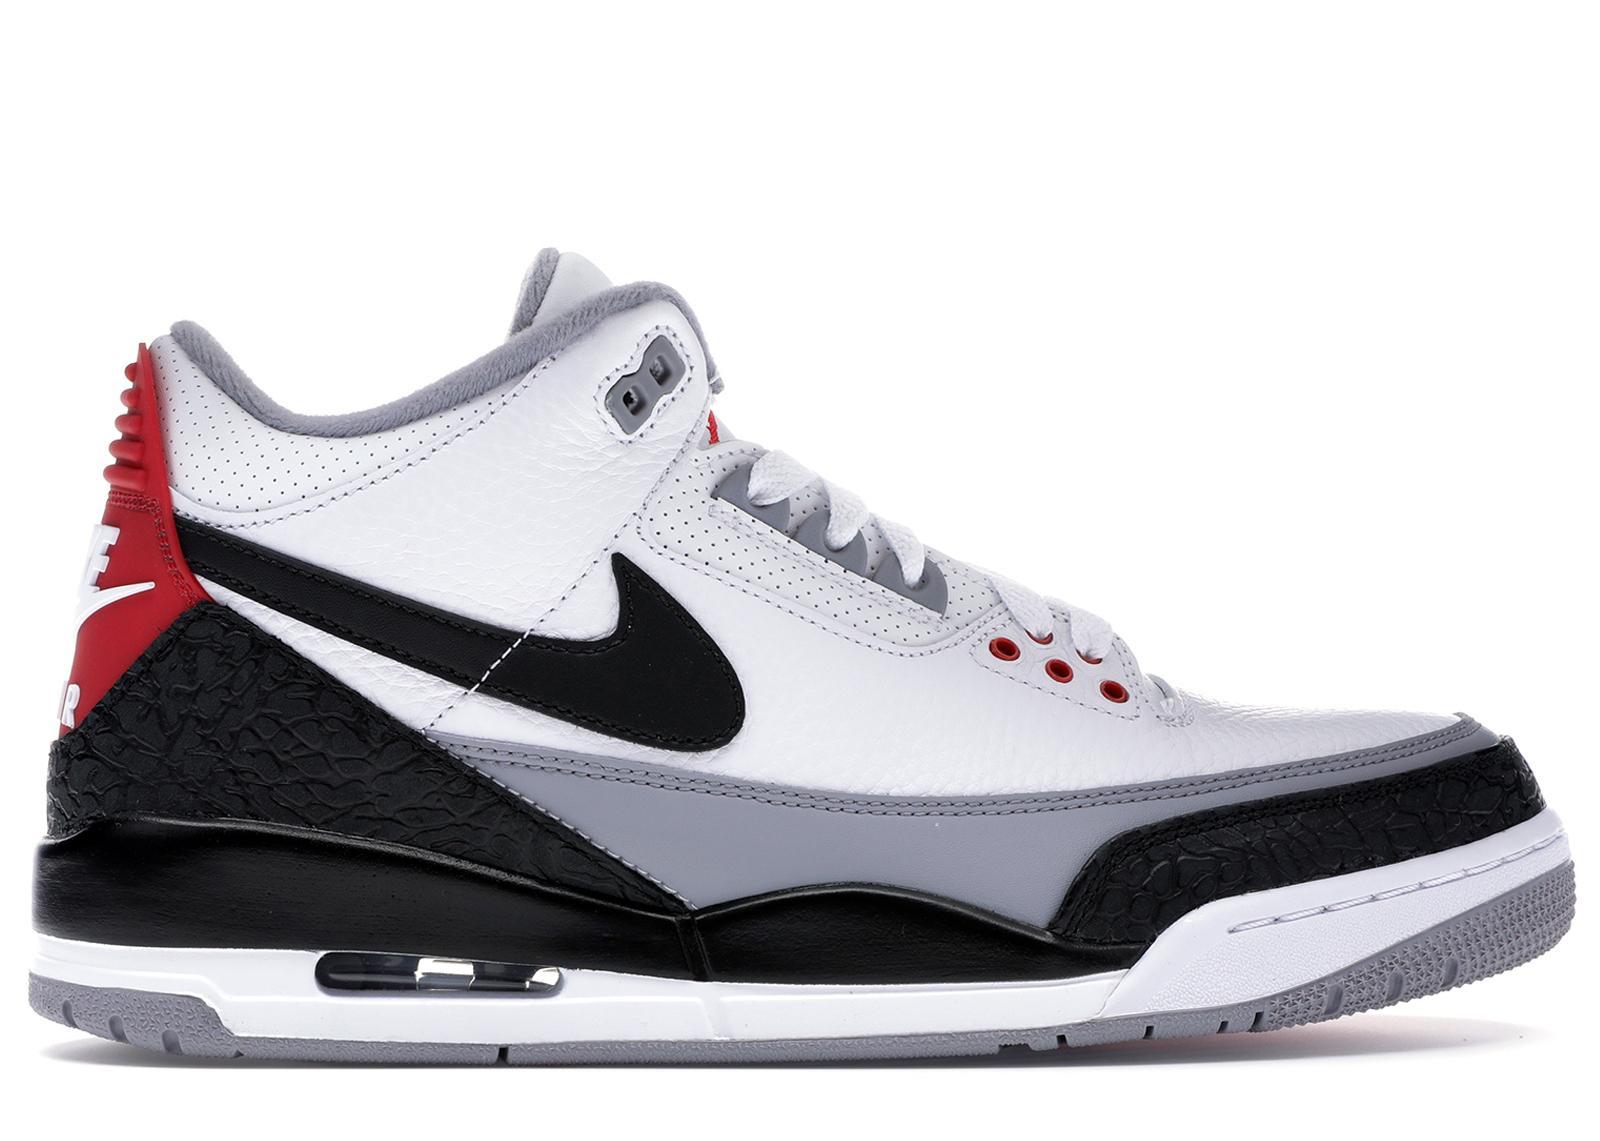 5e4ba15fddfcca Lyst - Nike 3 Retro Tinker Hatfield in White for Men